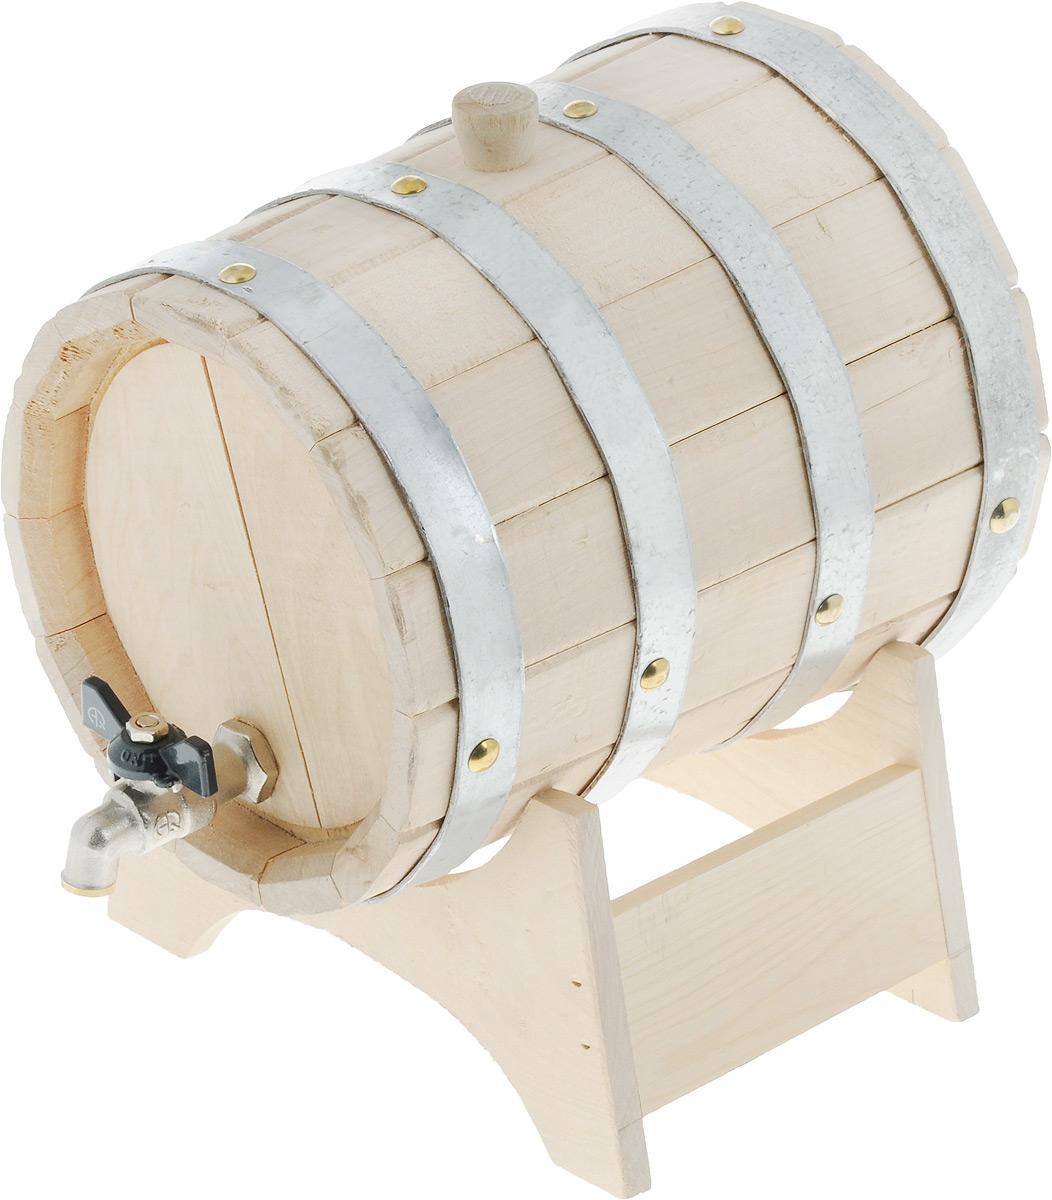 Бочонок для бани и сауны Proffi Home, на подставке, 3 лPH0192Бочонок Proffi Home изготовлен из березы. Он прекрасно впишется своим дизайном в интерьер.Березовый бочонок является одним из лучших среди бондарных изделий для использования в бане или сауне. Корпус бочонка стянут металлическими обручами с клепками. Для более удобного использования изделие имеет краник и подставку. Главное достоинство в том, что все полезные свойства остаются в сохранности.Эксплуатация бондарных изделий. Перед первым использованием бондарное изделие рекомендуется подготовить. Для этого нужно наполнить изделие холодной водой и оставить наполненным на 2-3 часа. Затем необходимо воду слить, обдать изделие сначала горячей, потом холодной водой. Не рекомендуется оставлять бондарные изделия около нагревательных приборов, а также под длительным воздействием прямых солнечных лучей.С момента начала использования бондарного изделия не рекомендуется оставлять его без воды на срок более 1 недели. Но и продолжительное время хранить в таких изделиях воду тоже не следует.После каждого использования необходимо вымыть и ошпарить изделие кипятком. В качестве моющих средств желательно использовать пищевую соду либо раствор горчичного порошка.Правильное обращение с бондарными изделиями позволит надолго сохранить их эксплуатационные свойства и продлить срок использования! Объем бочонка: 3 л. Диаметр бочонка (по верхнему краю): 17 см. Размер подставки: 21,5 х 14 х 11 см.